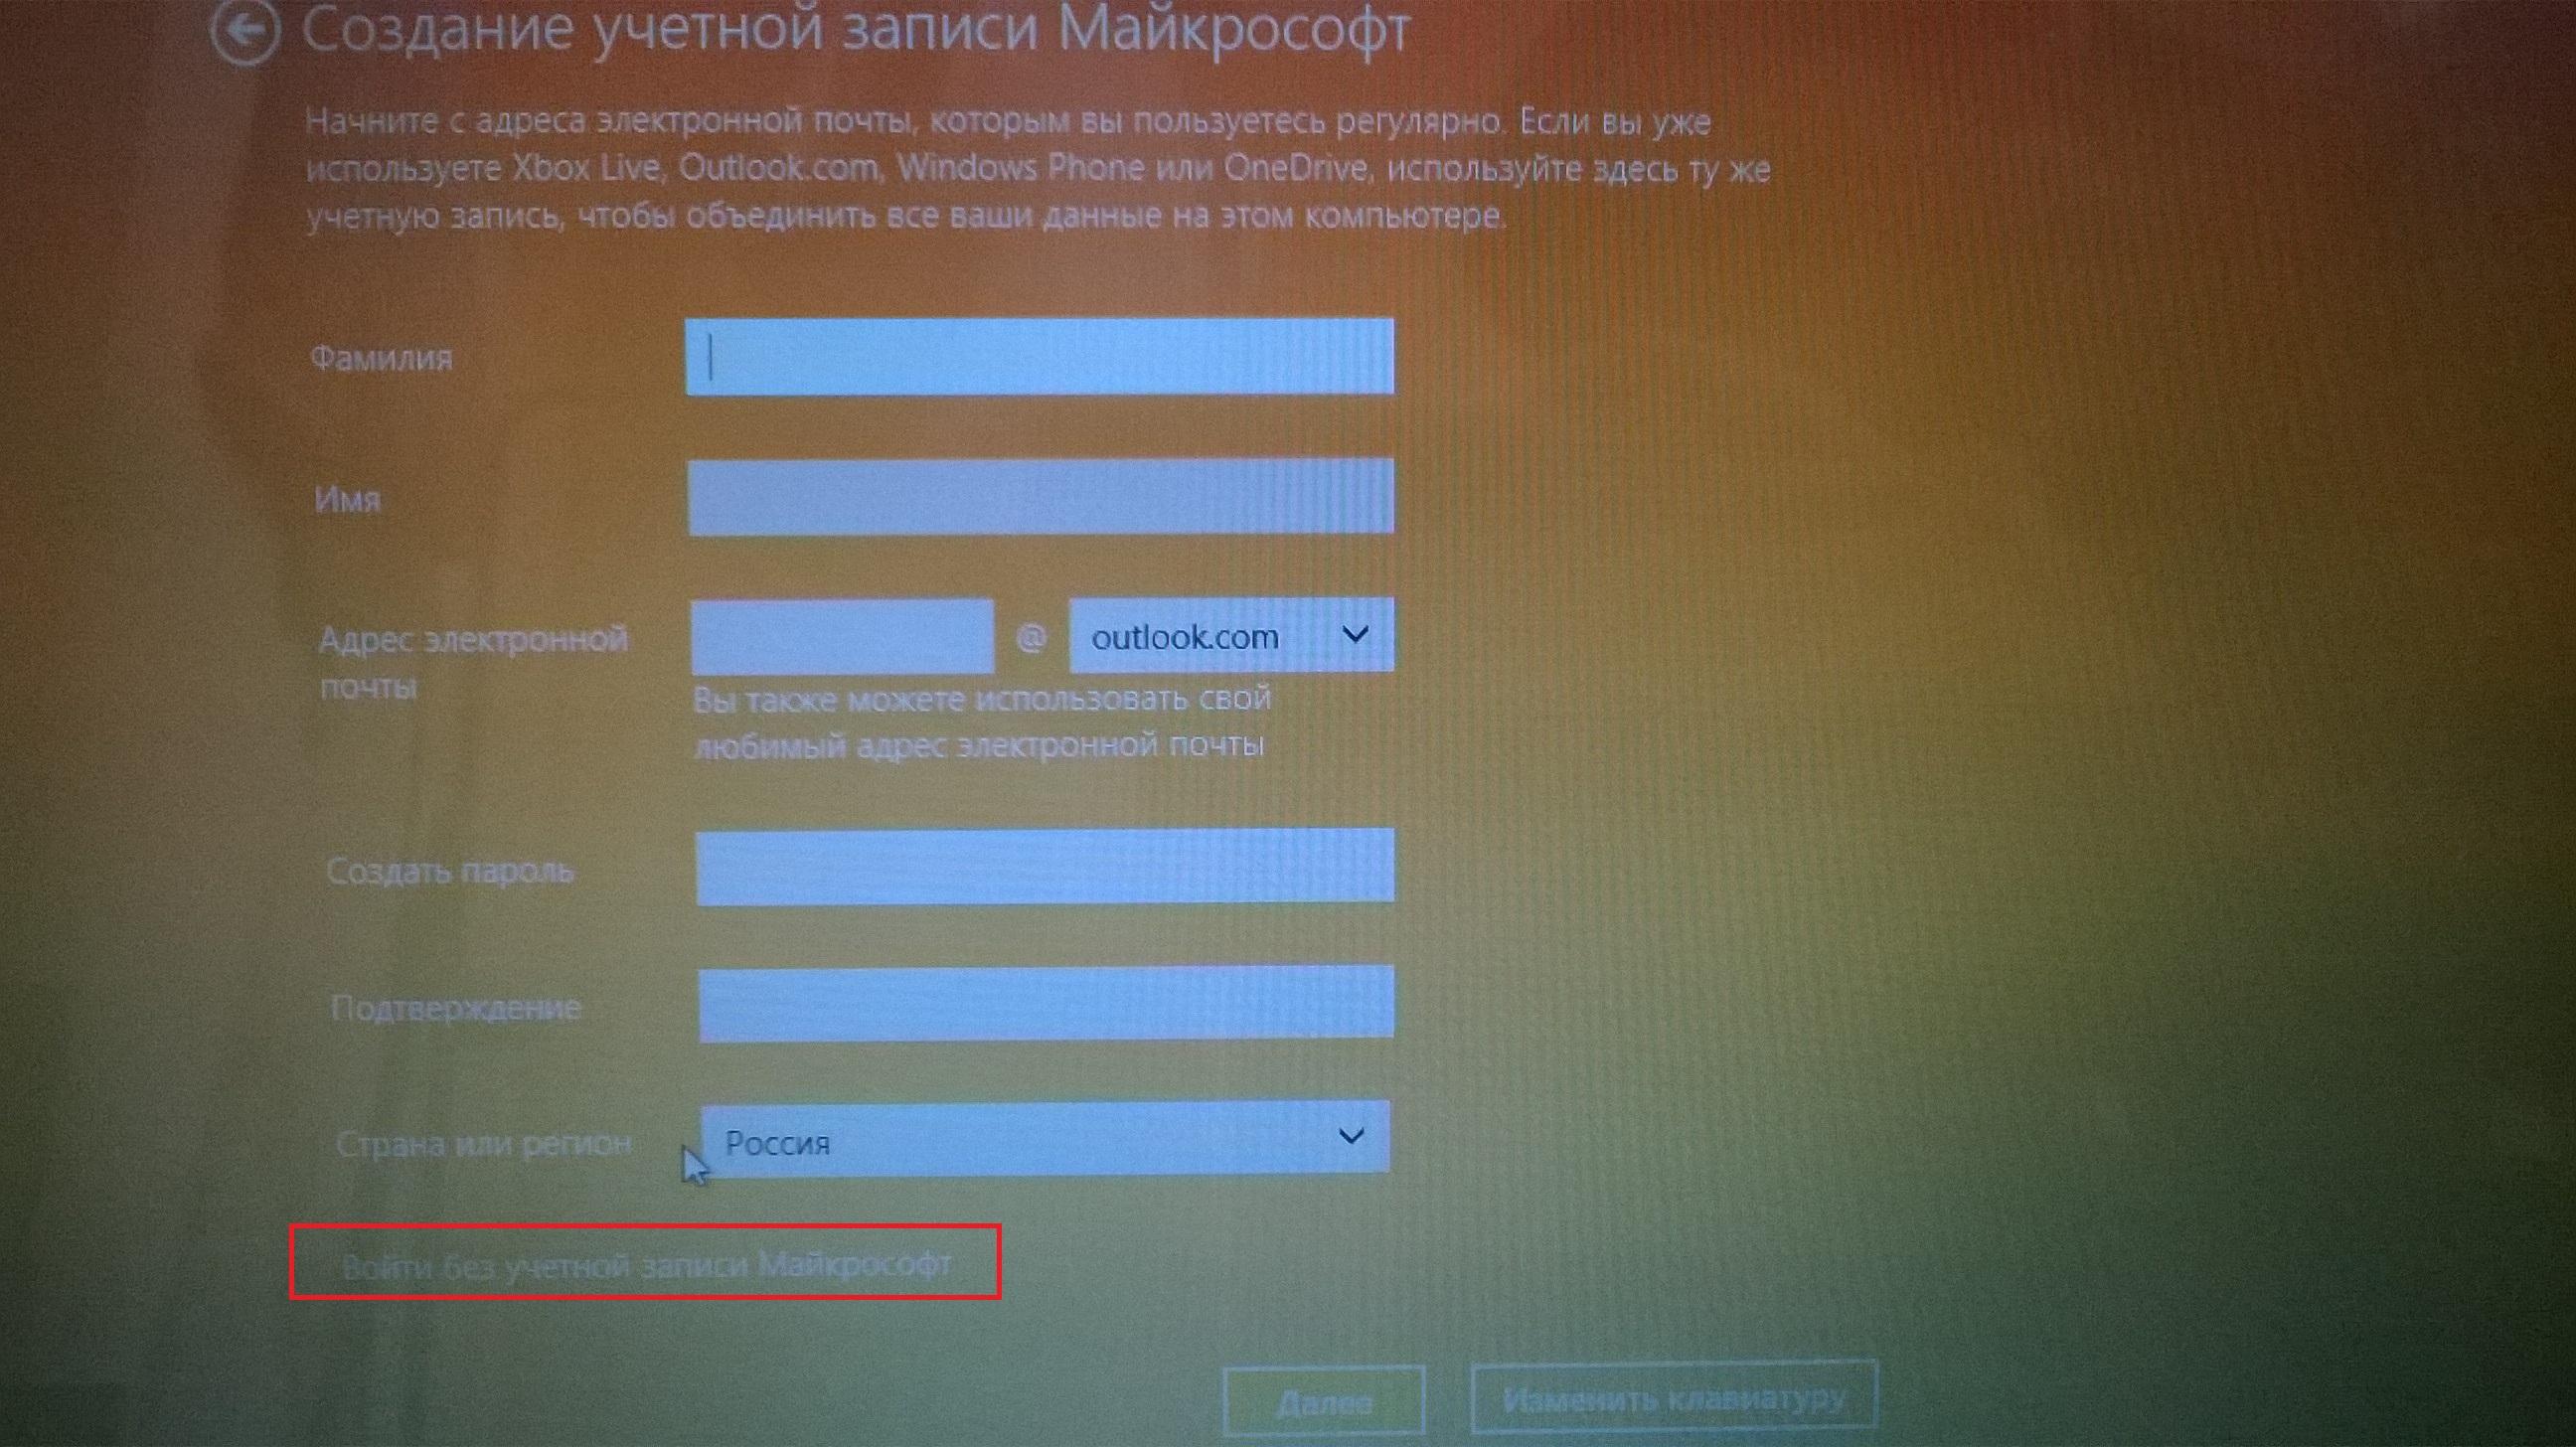 Windows 8.1 - создание учетной записи Майкрософт